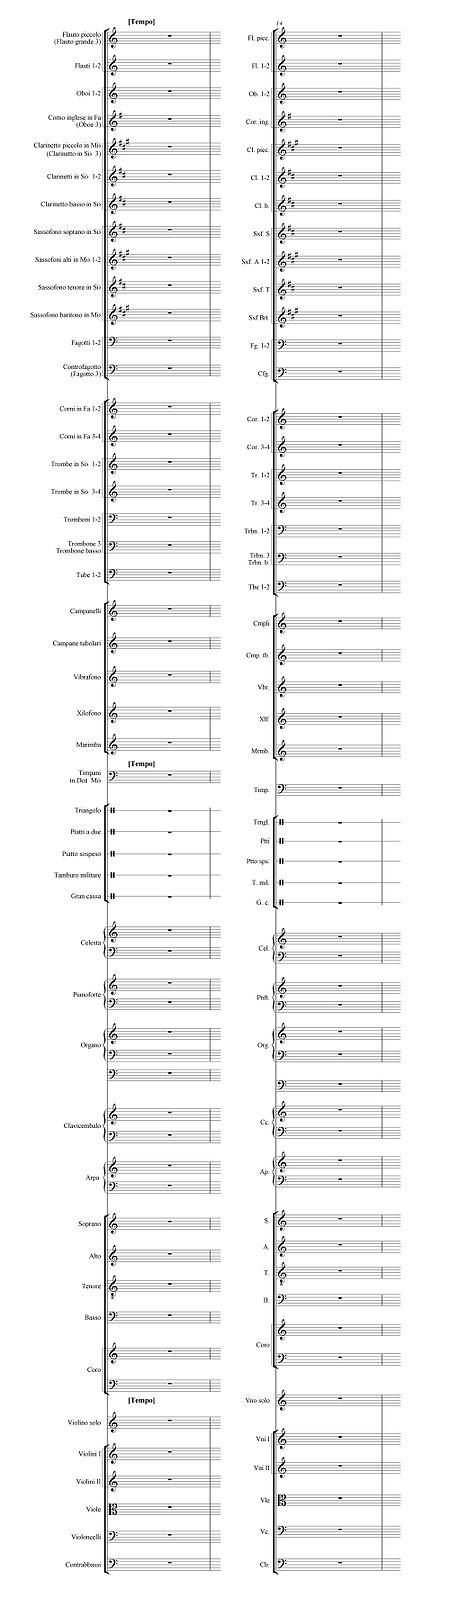 Partitura - Wikipedia, la enciclopedia libre